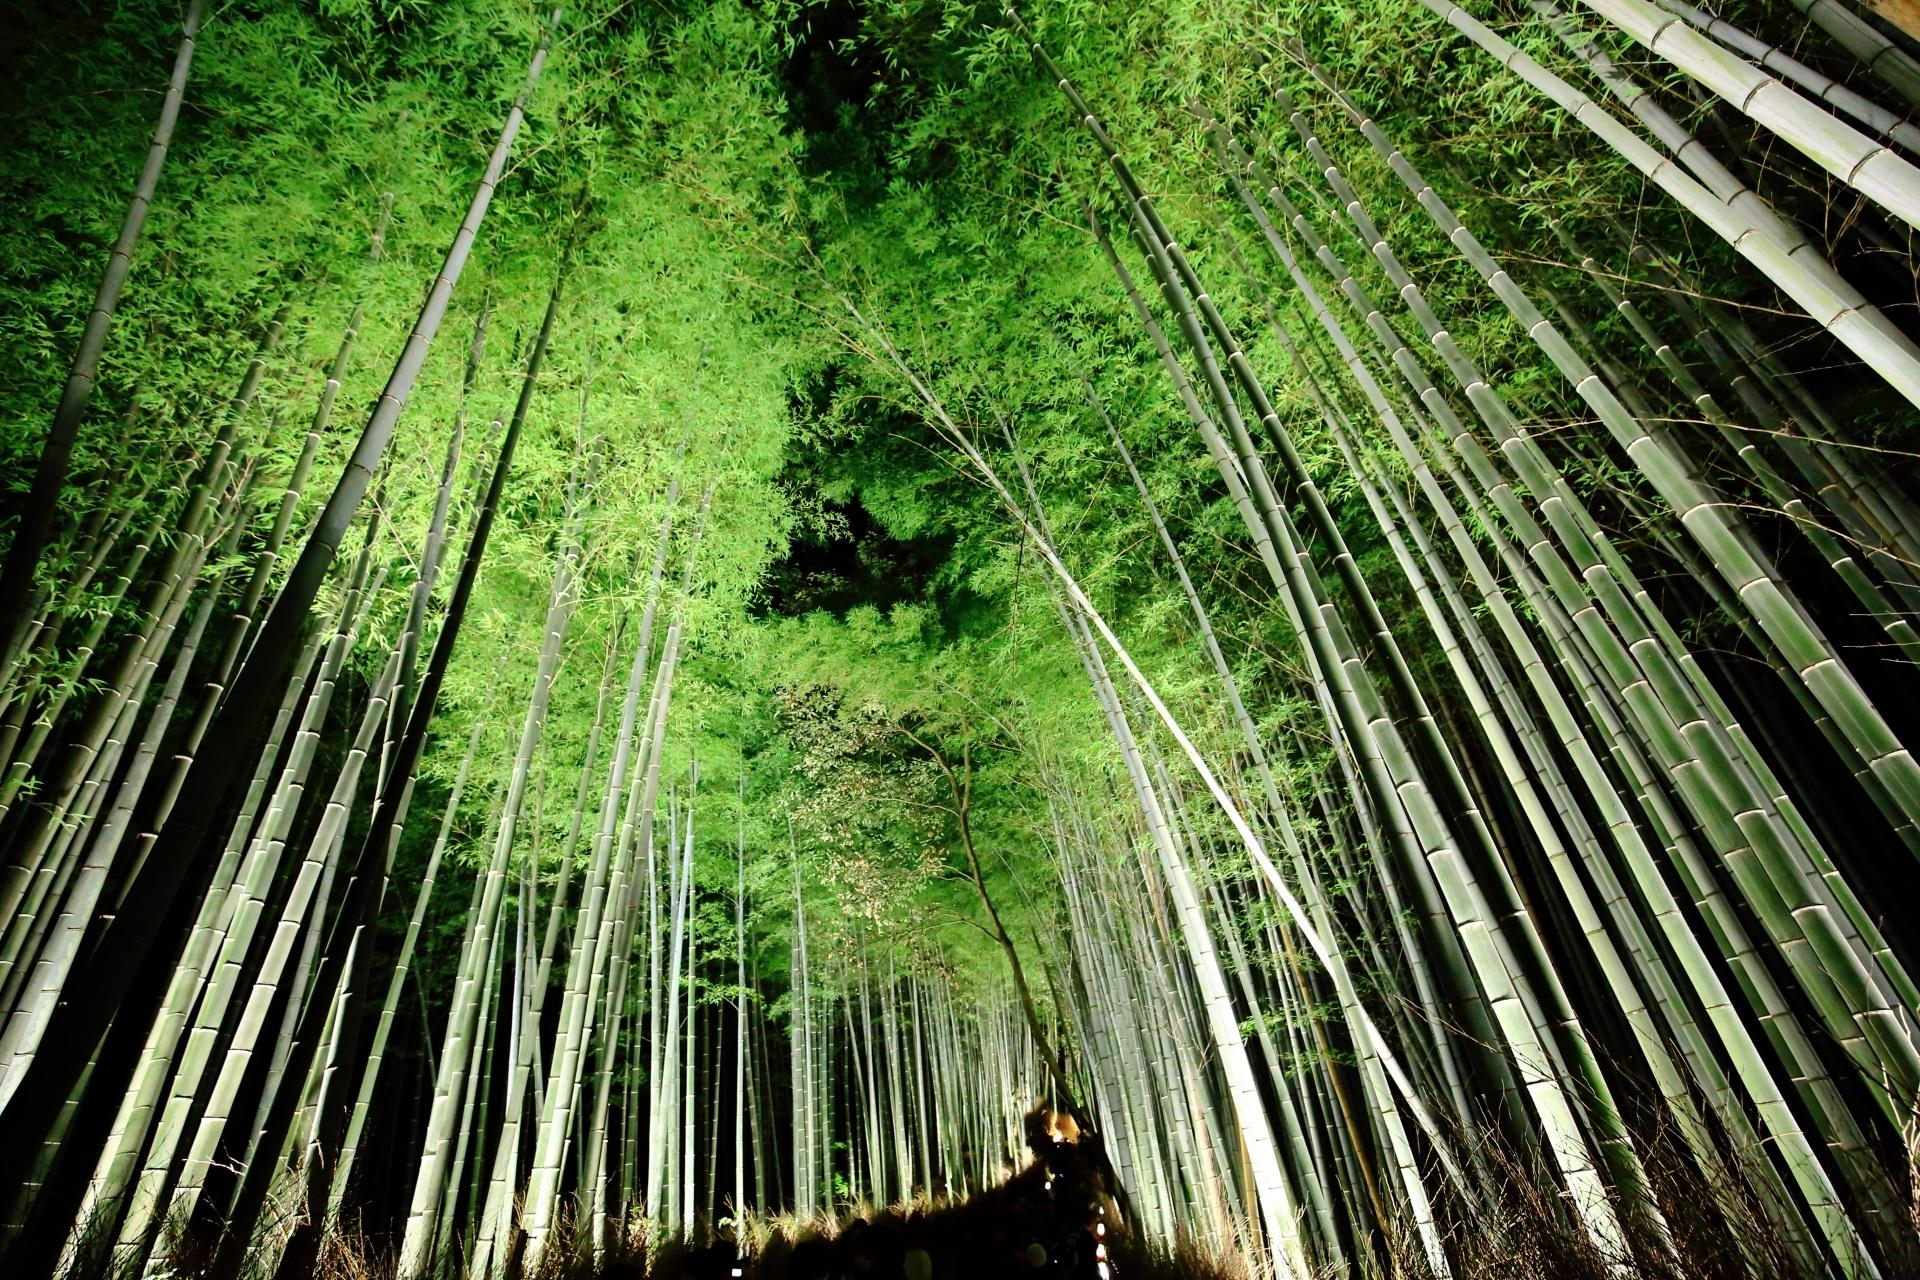 竹林の道 嵐山花灯路 ライトアップ 幻想的